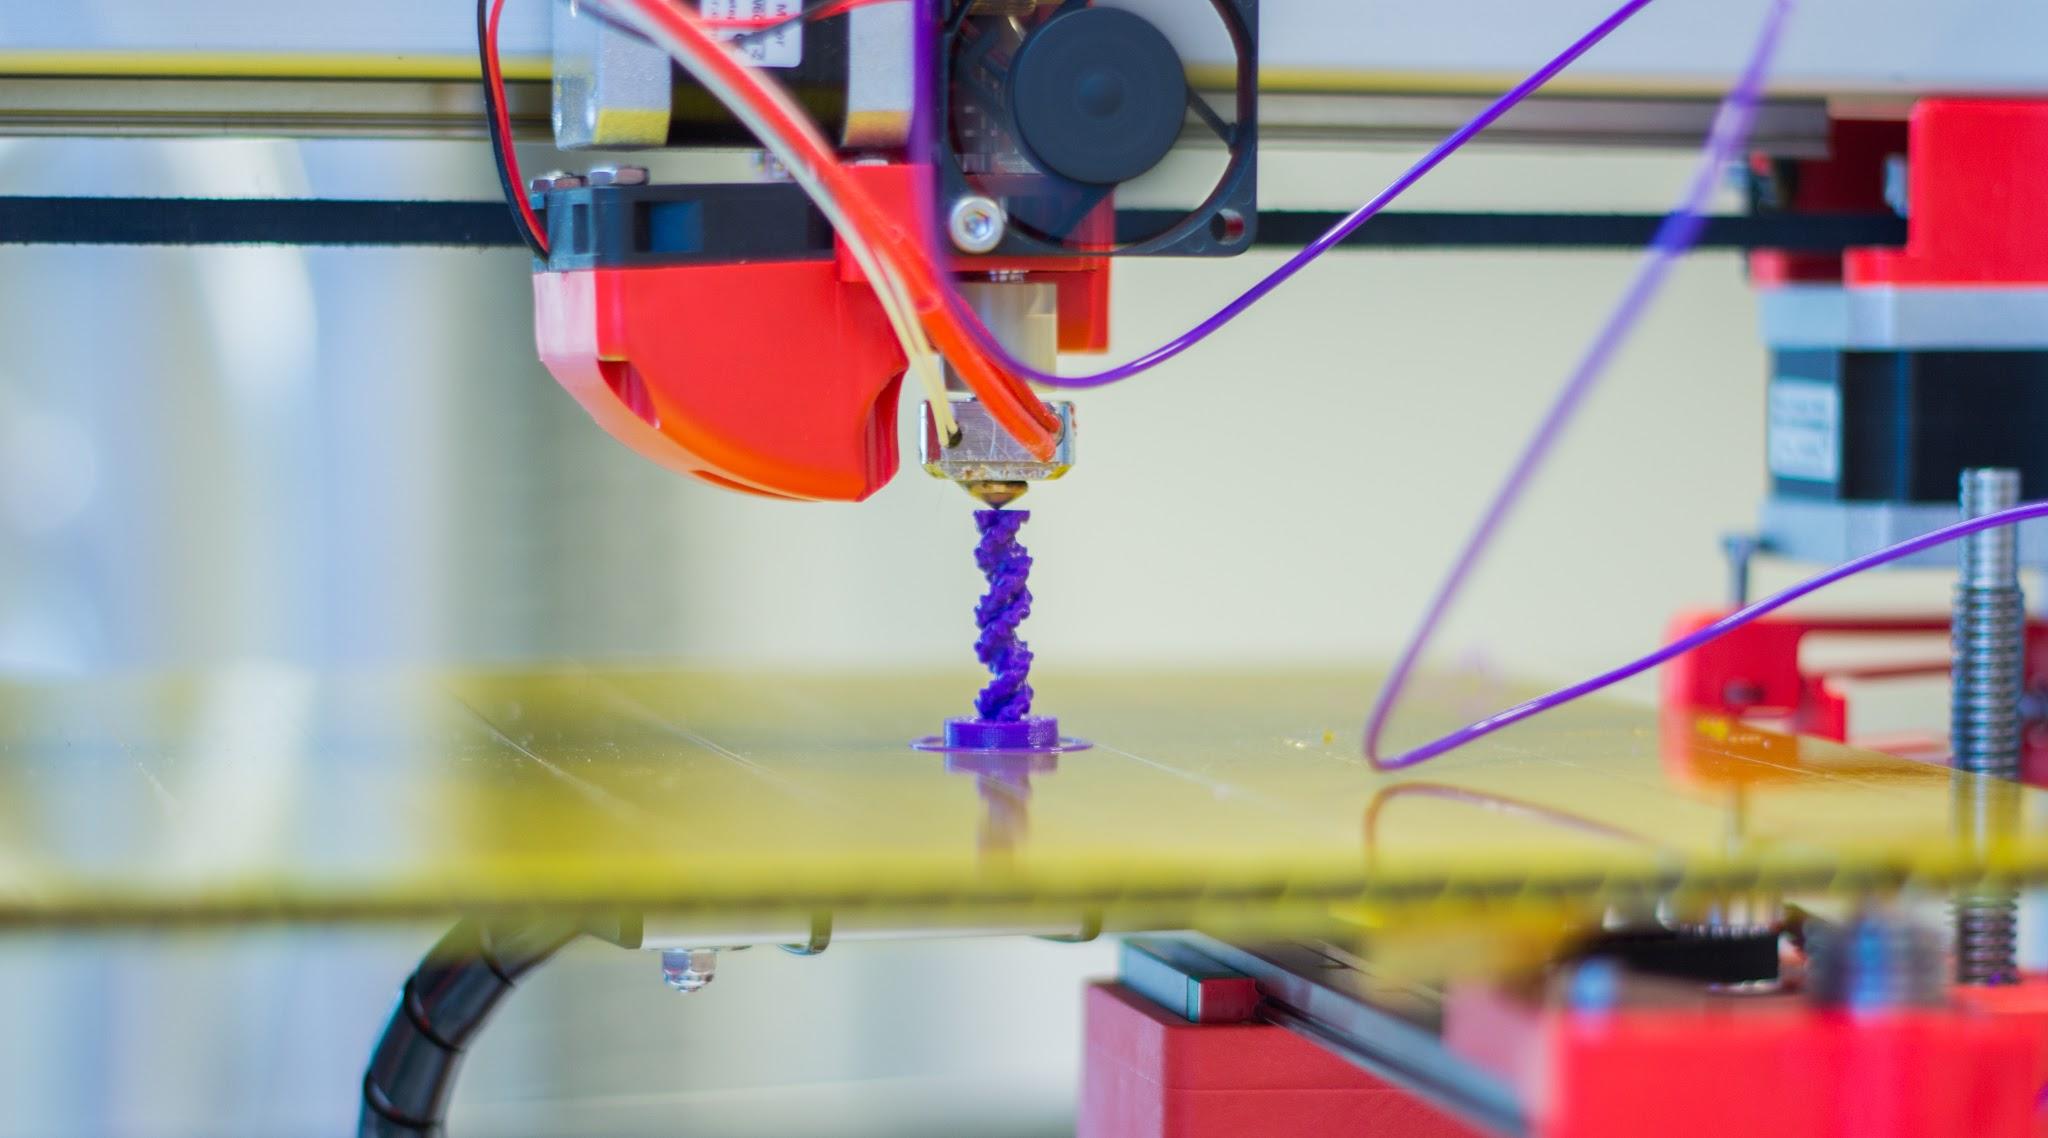 Ministerul Educației susține 3D Printing în școală